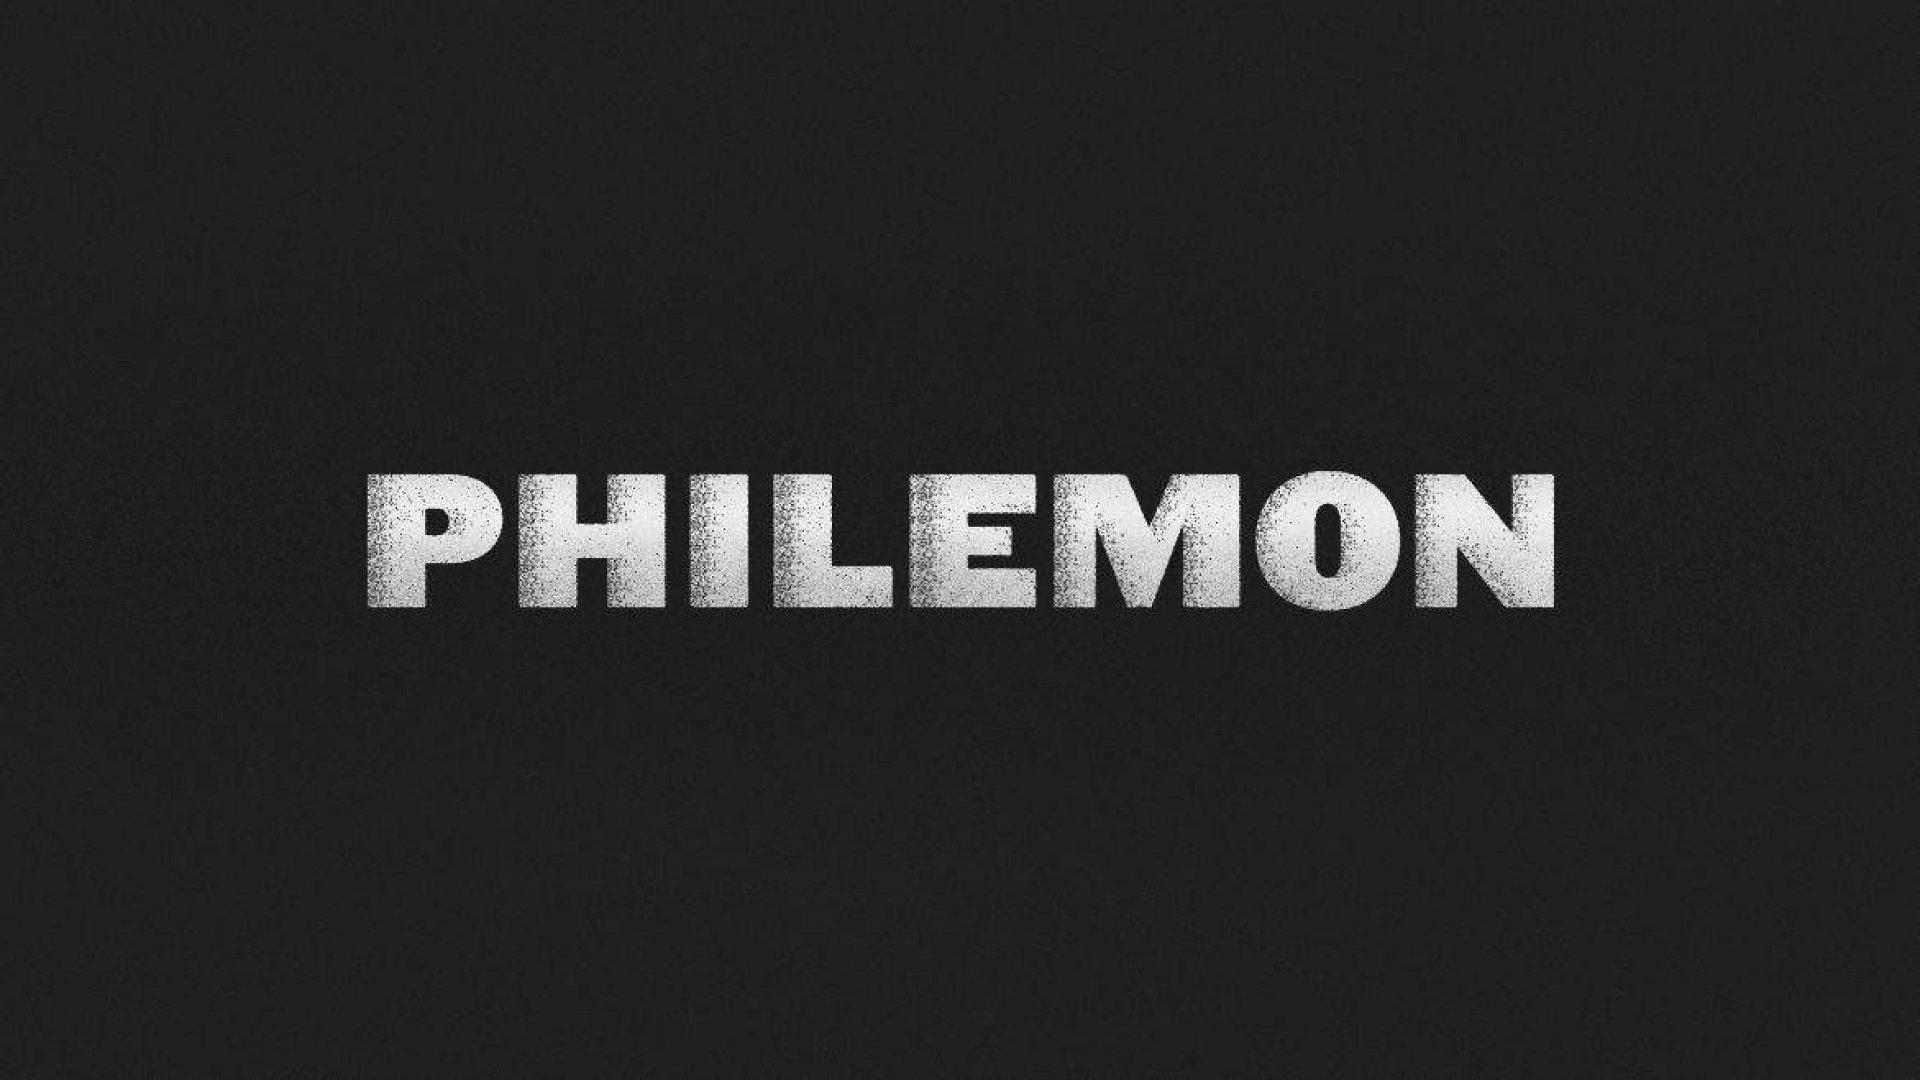 Teaching artwork for Philemon